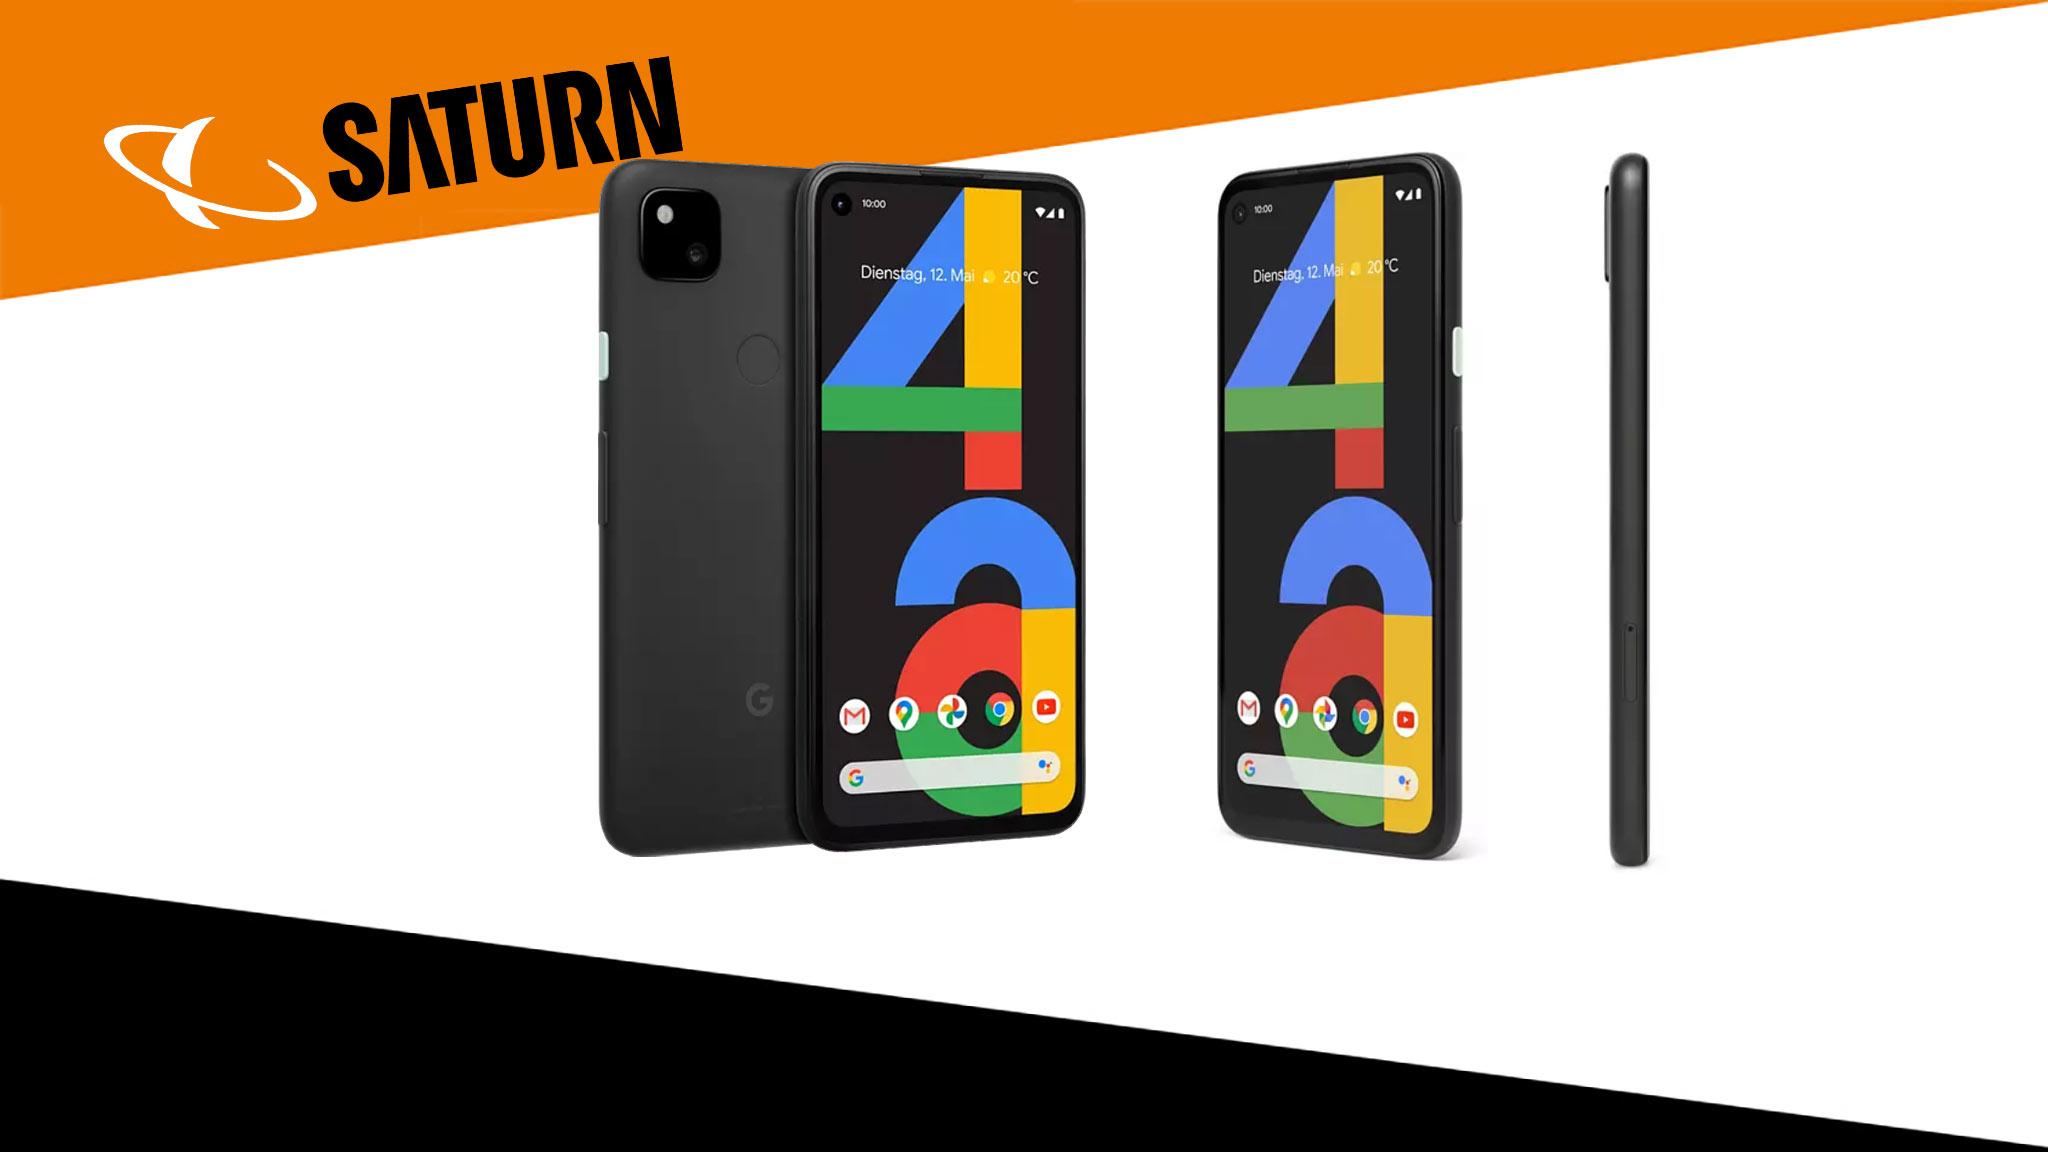 Google-Smartphone bei Saturn im Angebot: Pixel 4a zum Bestpreis sichern